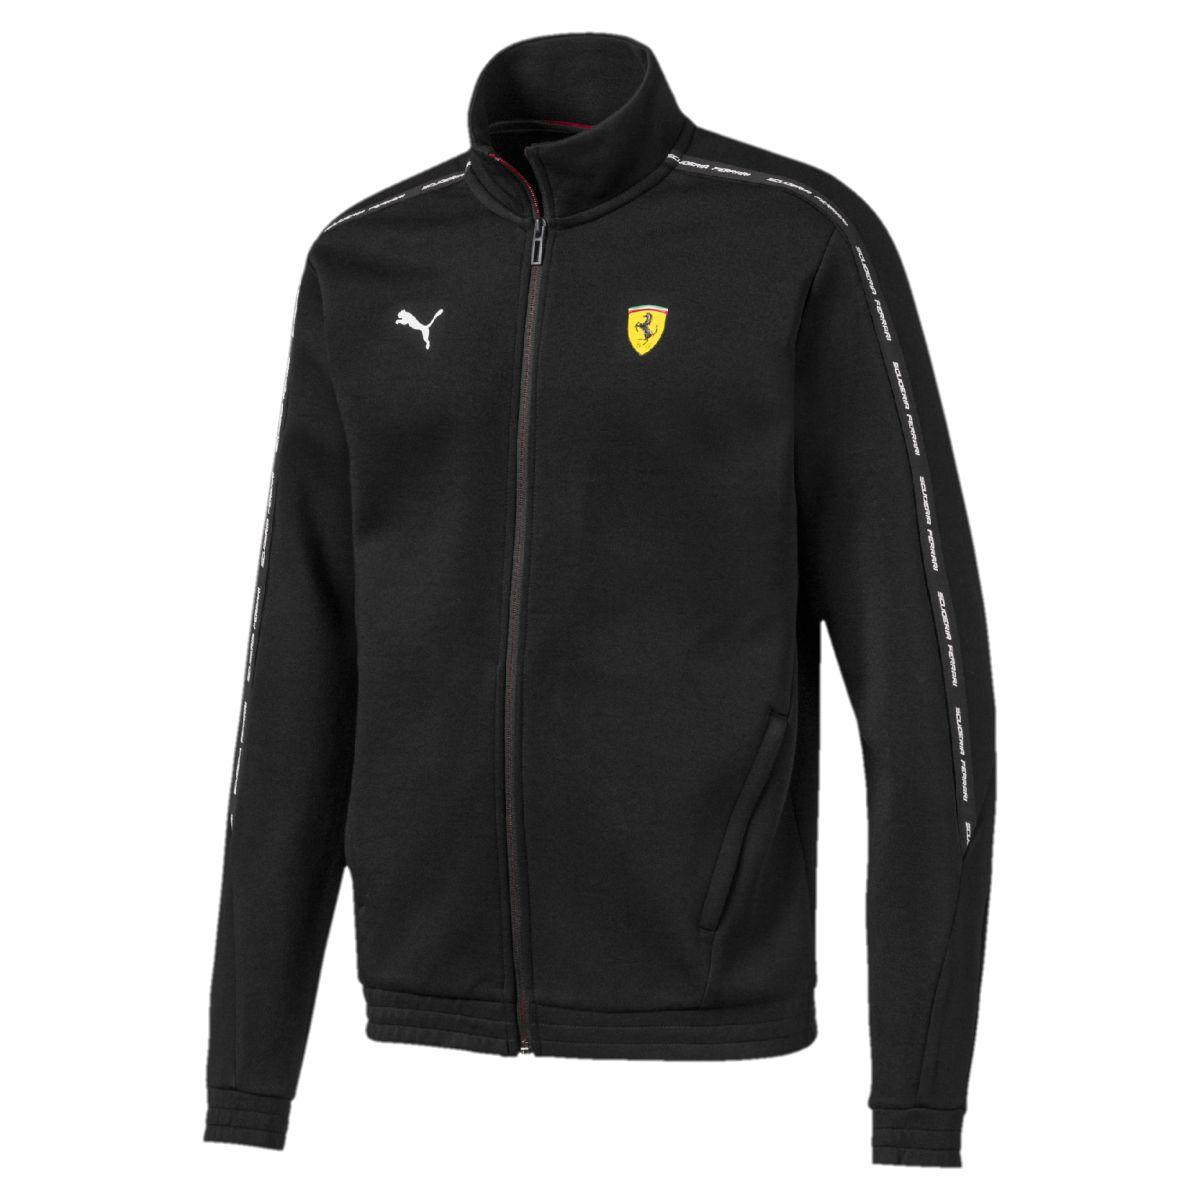 Толстовка PUMA SF Sweat Jacket олимпийка мужская puma bmw ms sweat jacket цвет темно синий 57525601 размер l 48 50